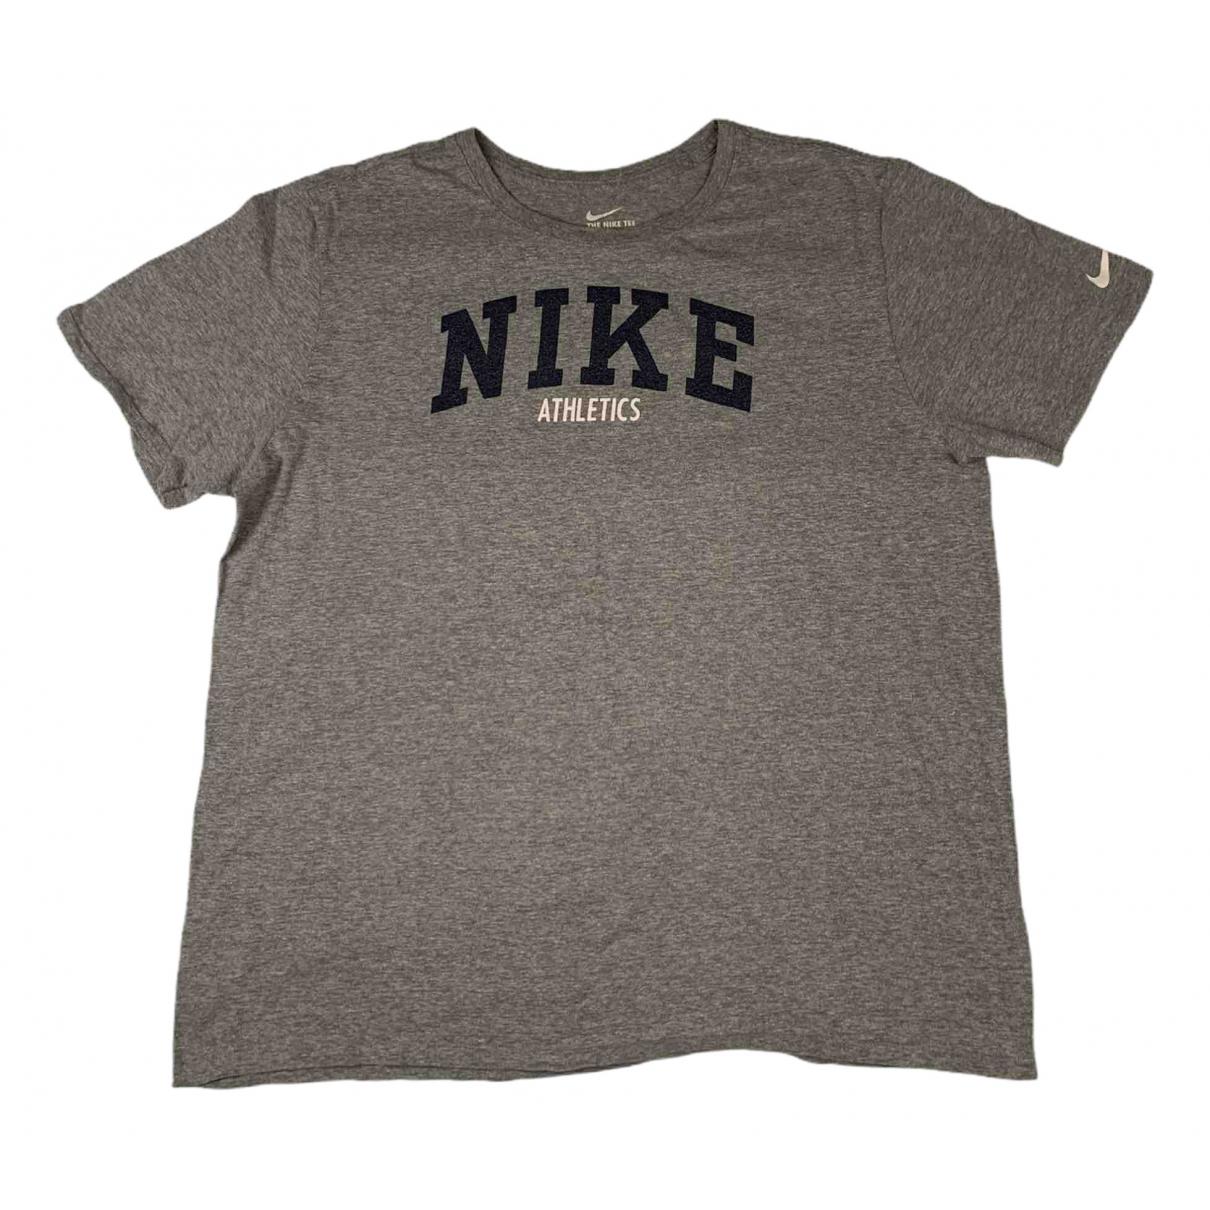 Nike - Tee shirts   pour homme en coton - gris